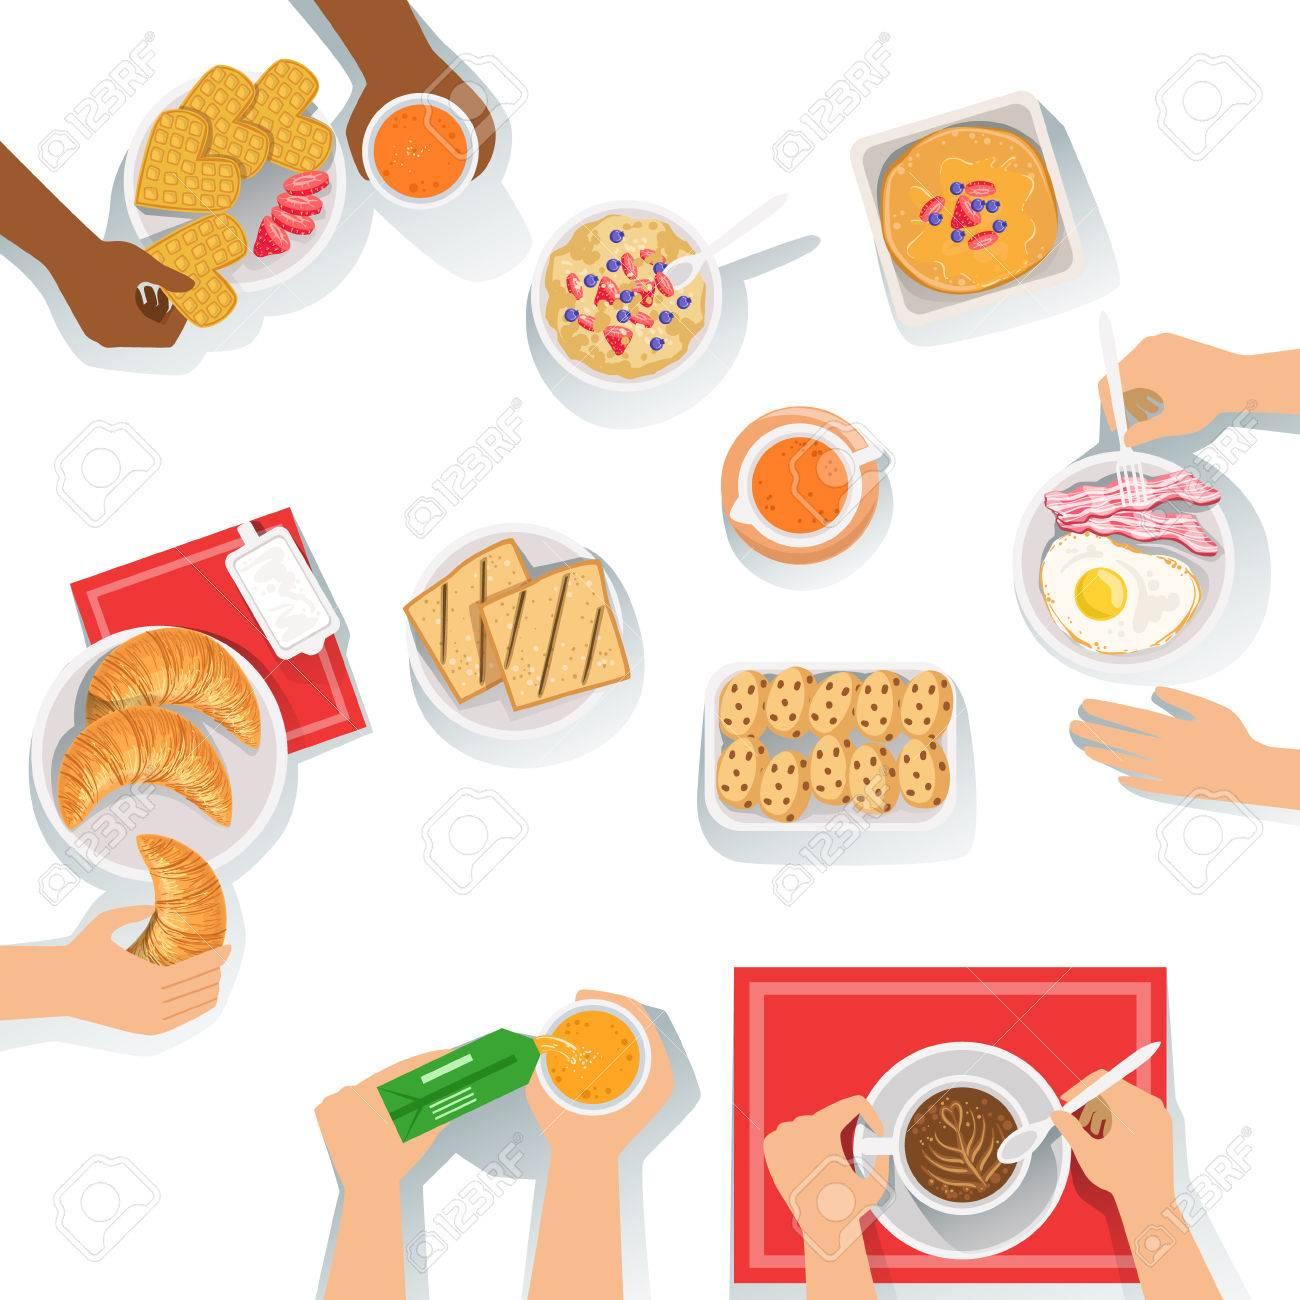 Menschen, Die Frühstücken Morgen Mahlzeit Zusammen Mit Verschiedenen ...